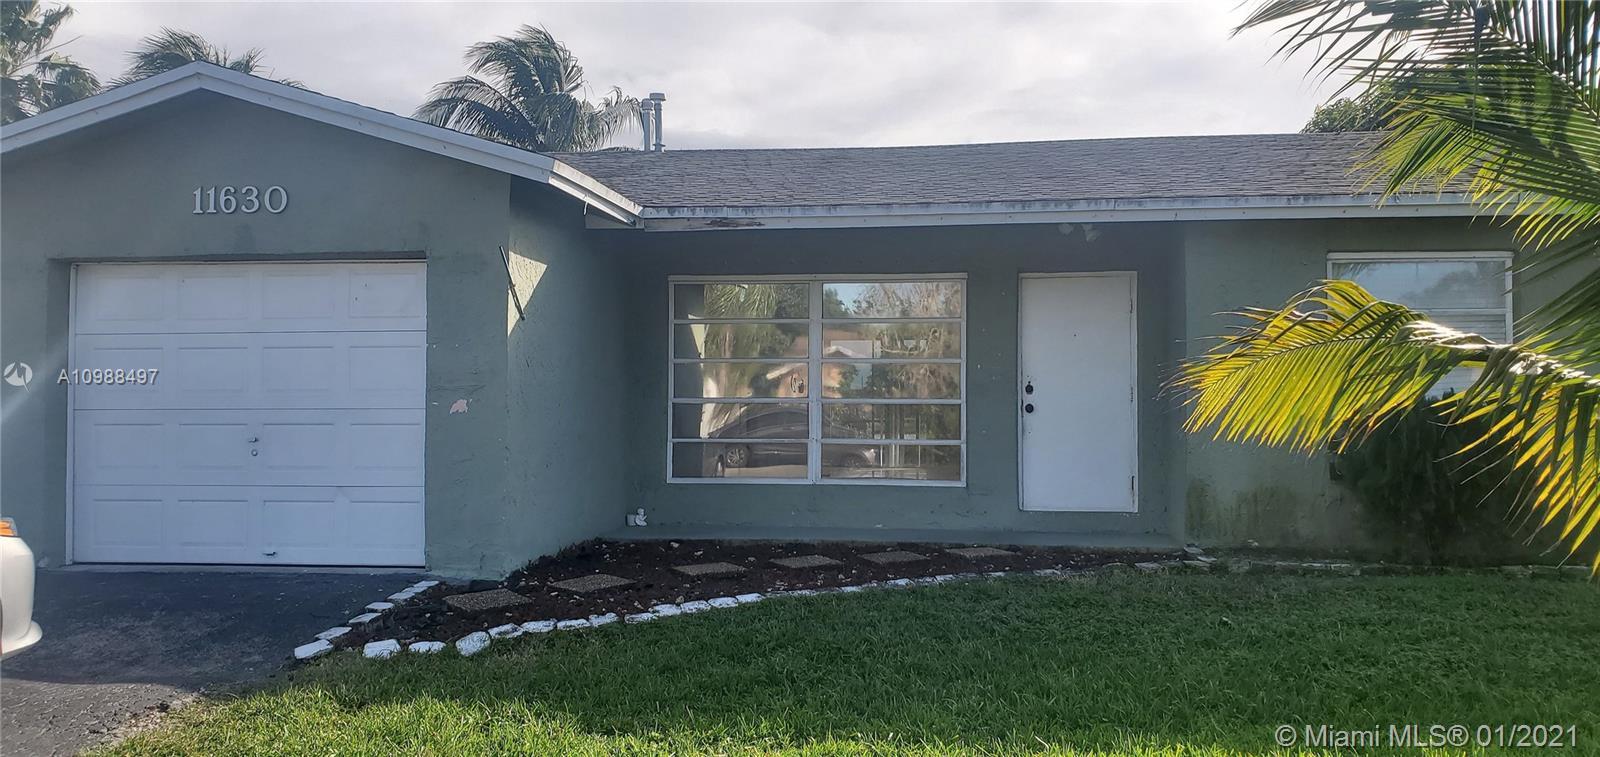 11630 NW 32nd Mnr, Sunrise, Florida 33323